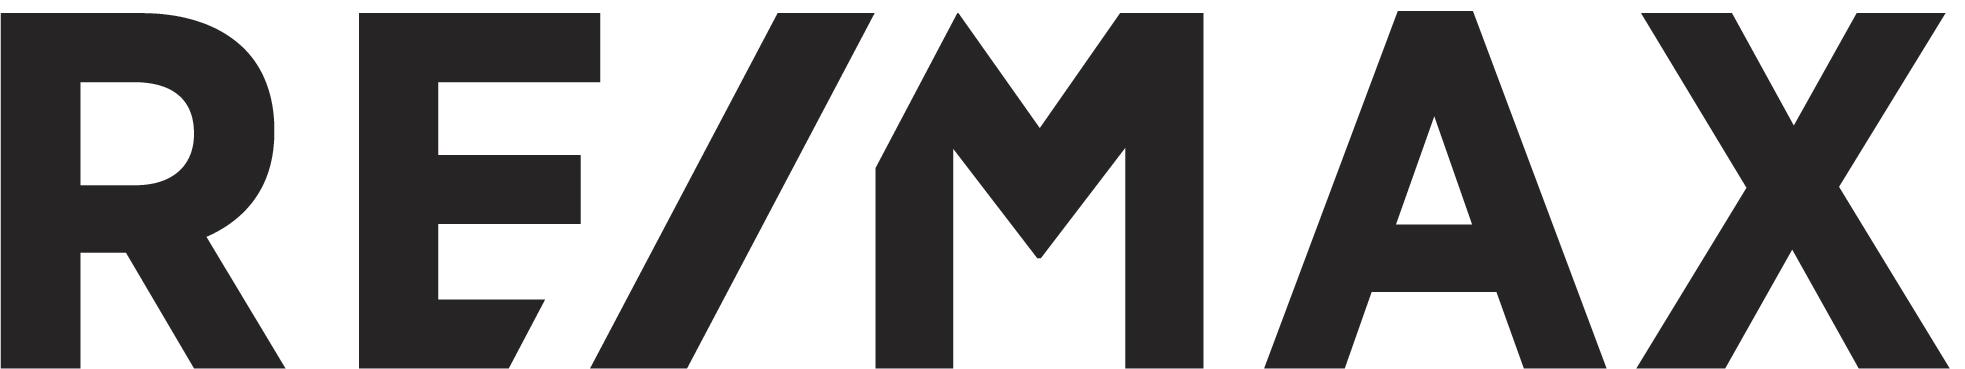 REMAX_mastrLogotype_CMYK_Black_R 1.png